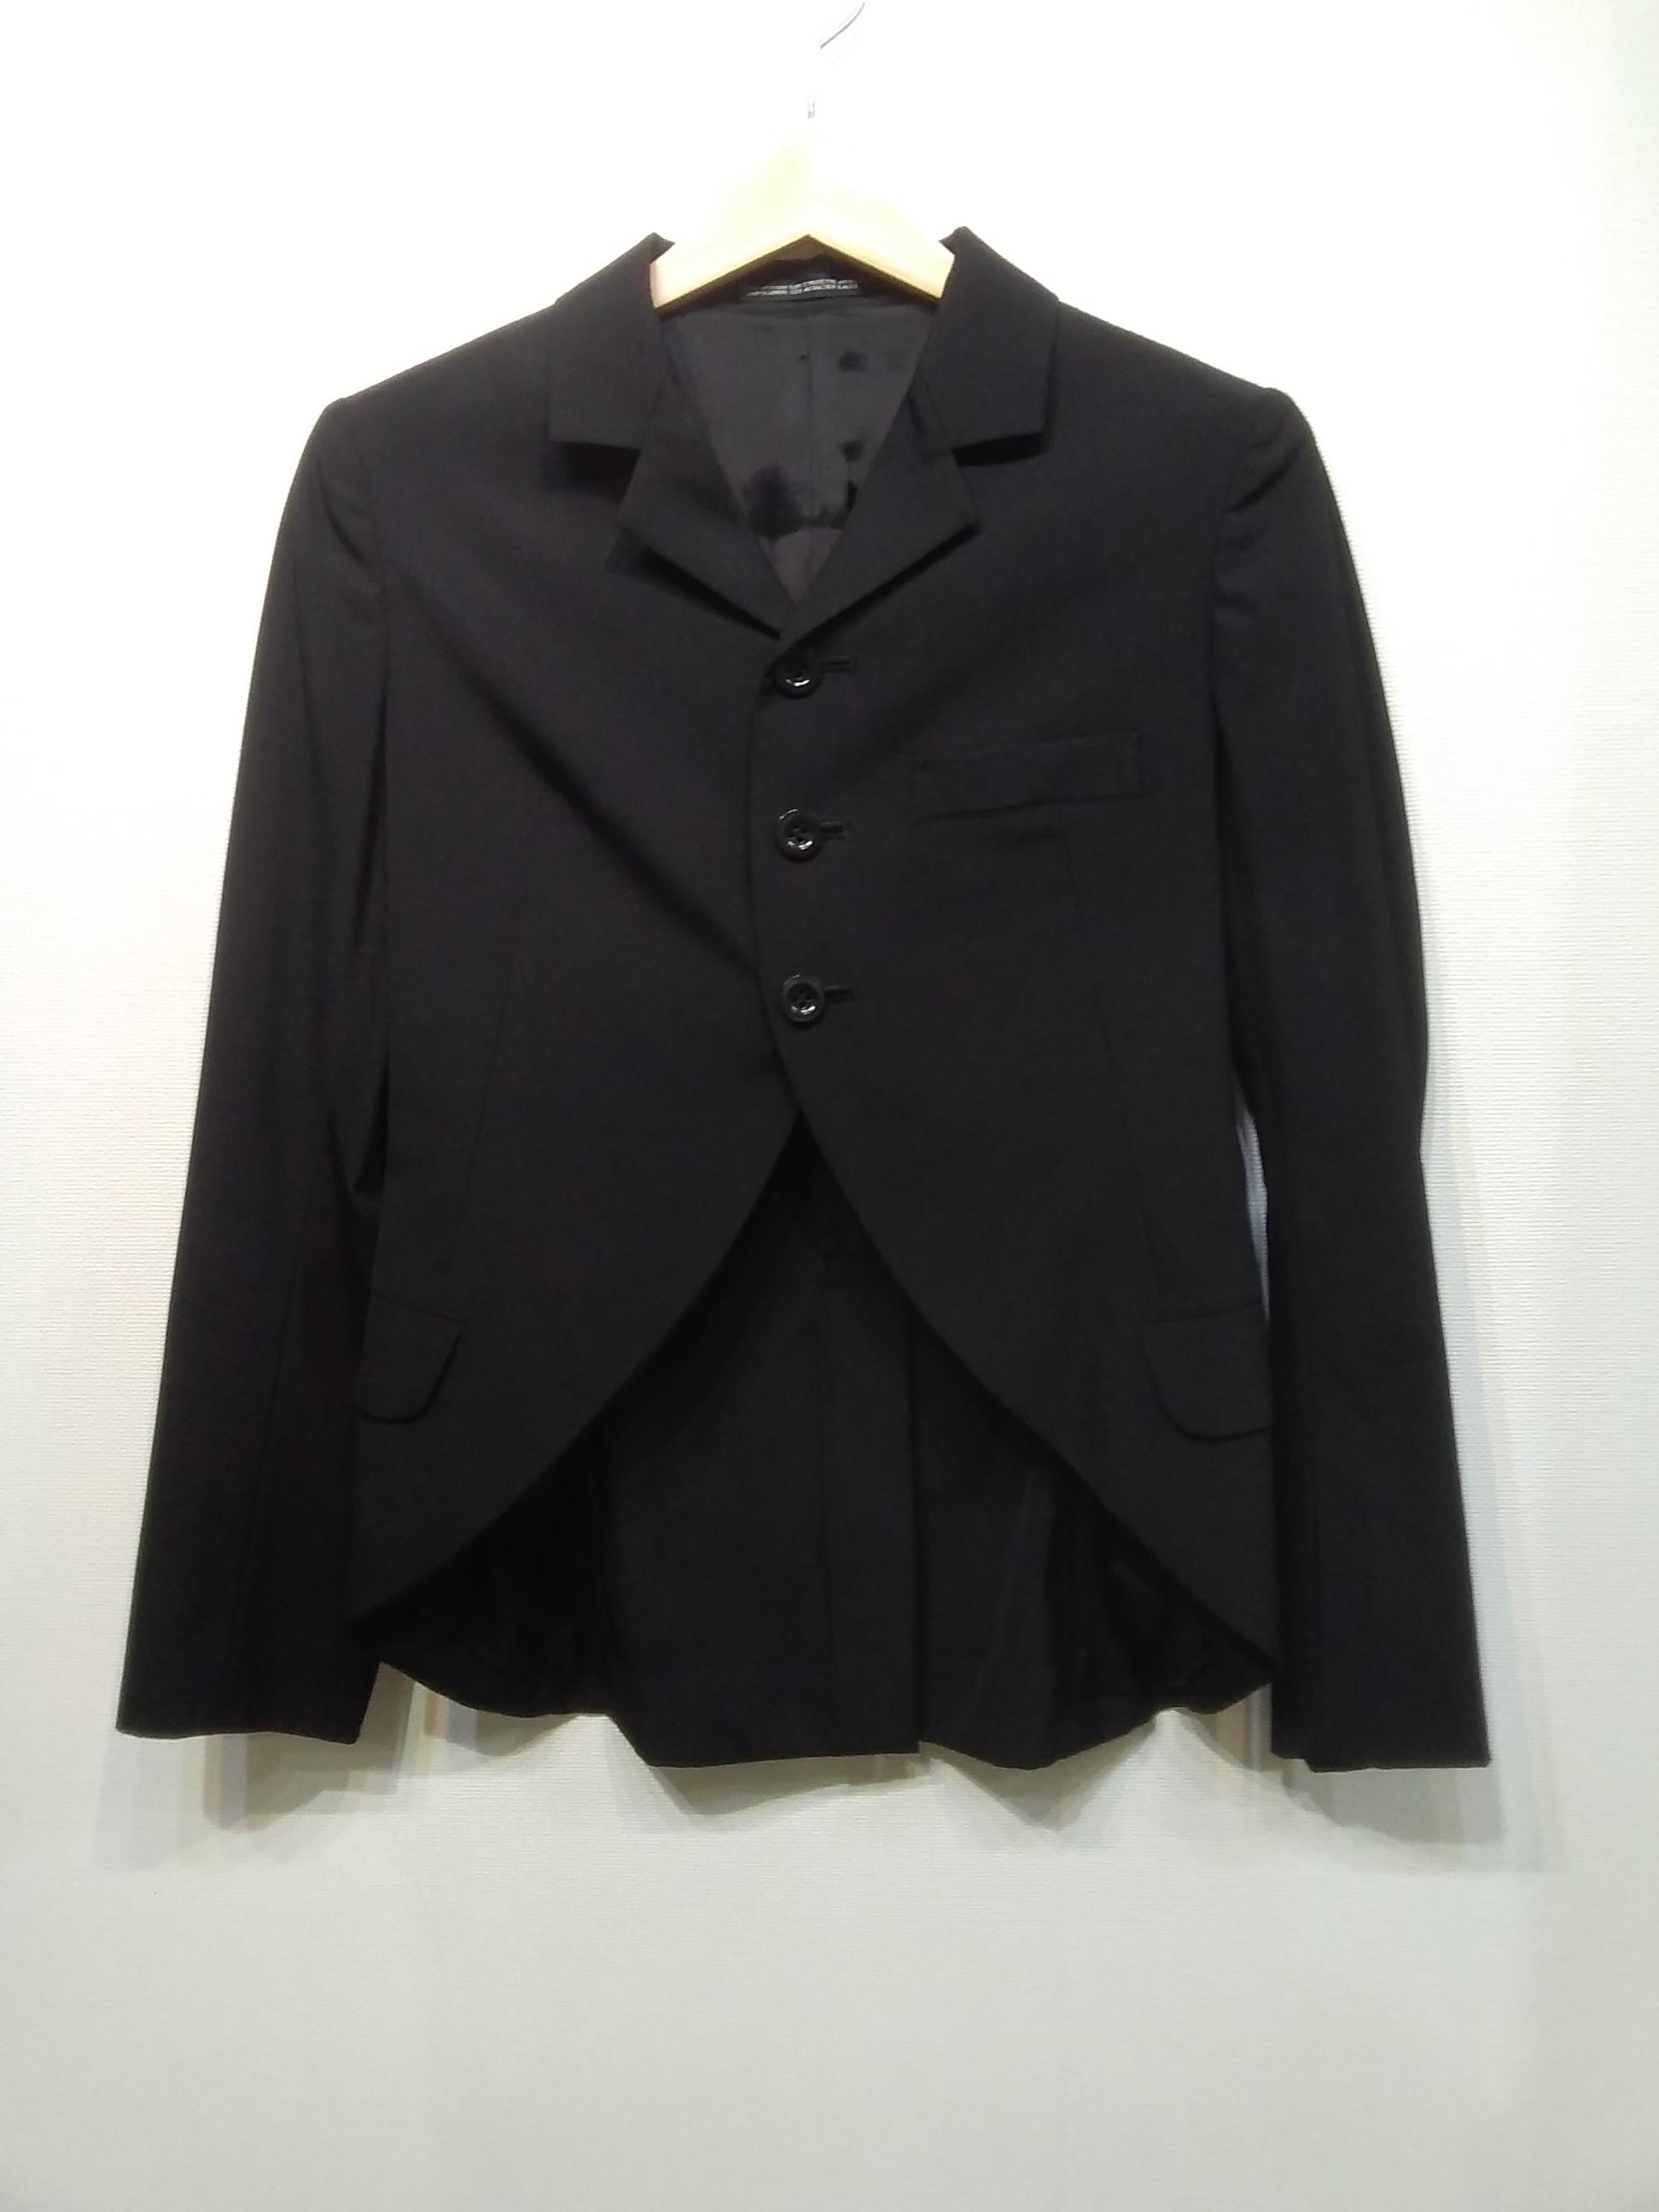 9-101 デザインテーラードジャケット|Y'S